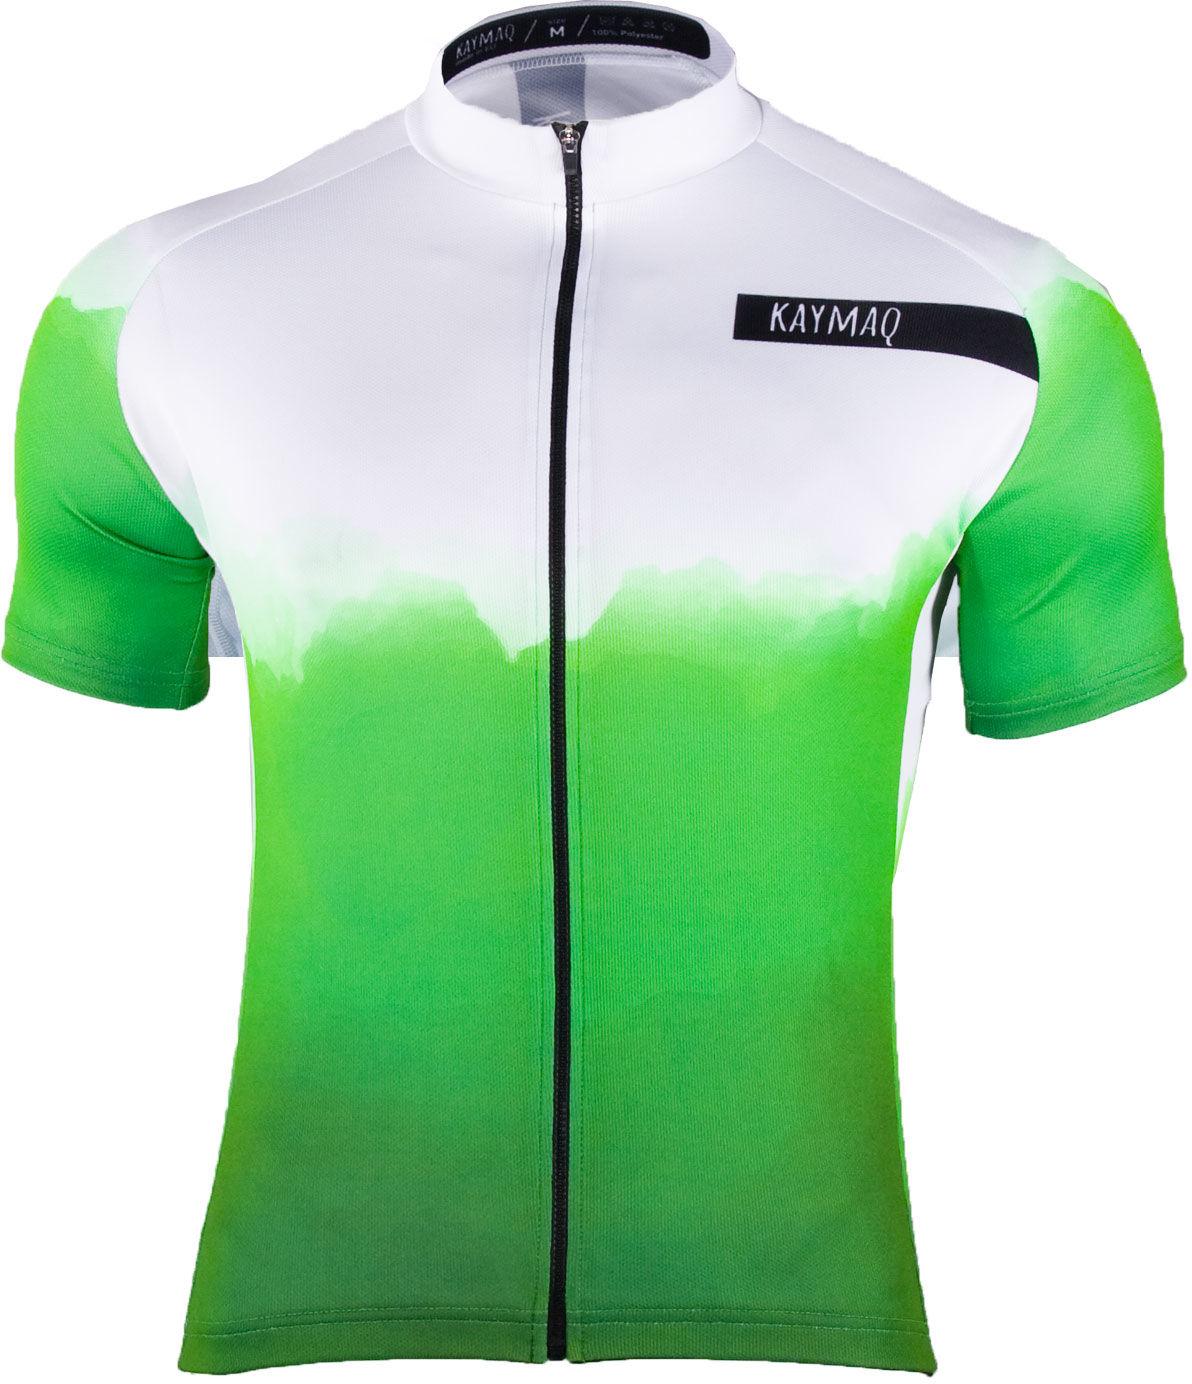 KAYMAQ M21 męska koszulka rowerowa z krótkim rękawem biało fluo-zielony Rozmiar: L,kaymaqm21fluo